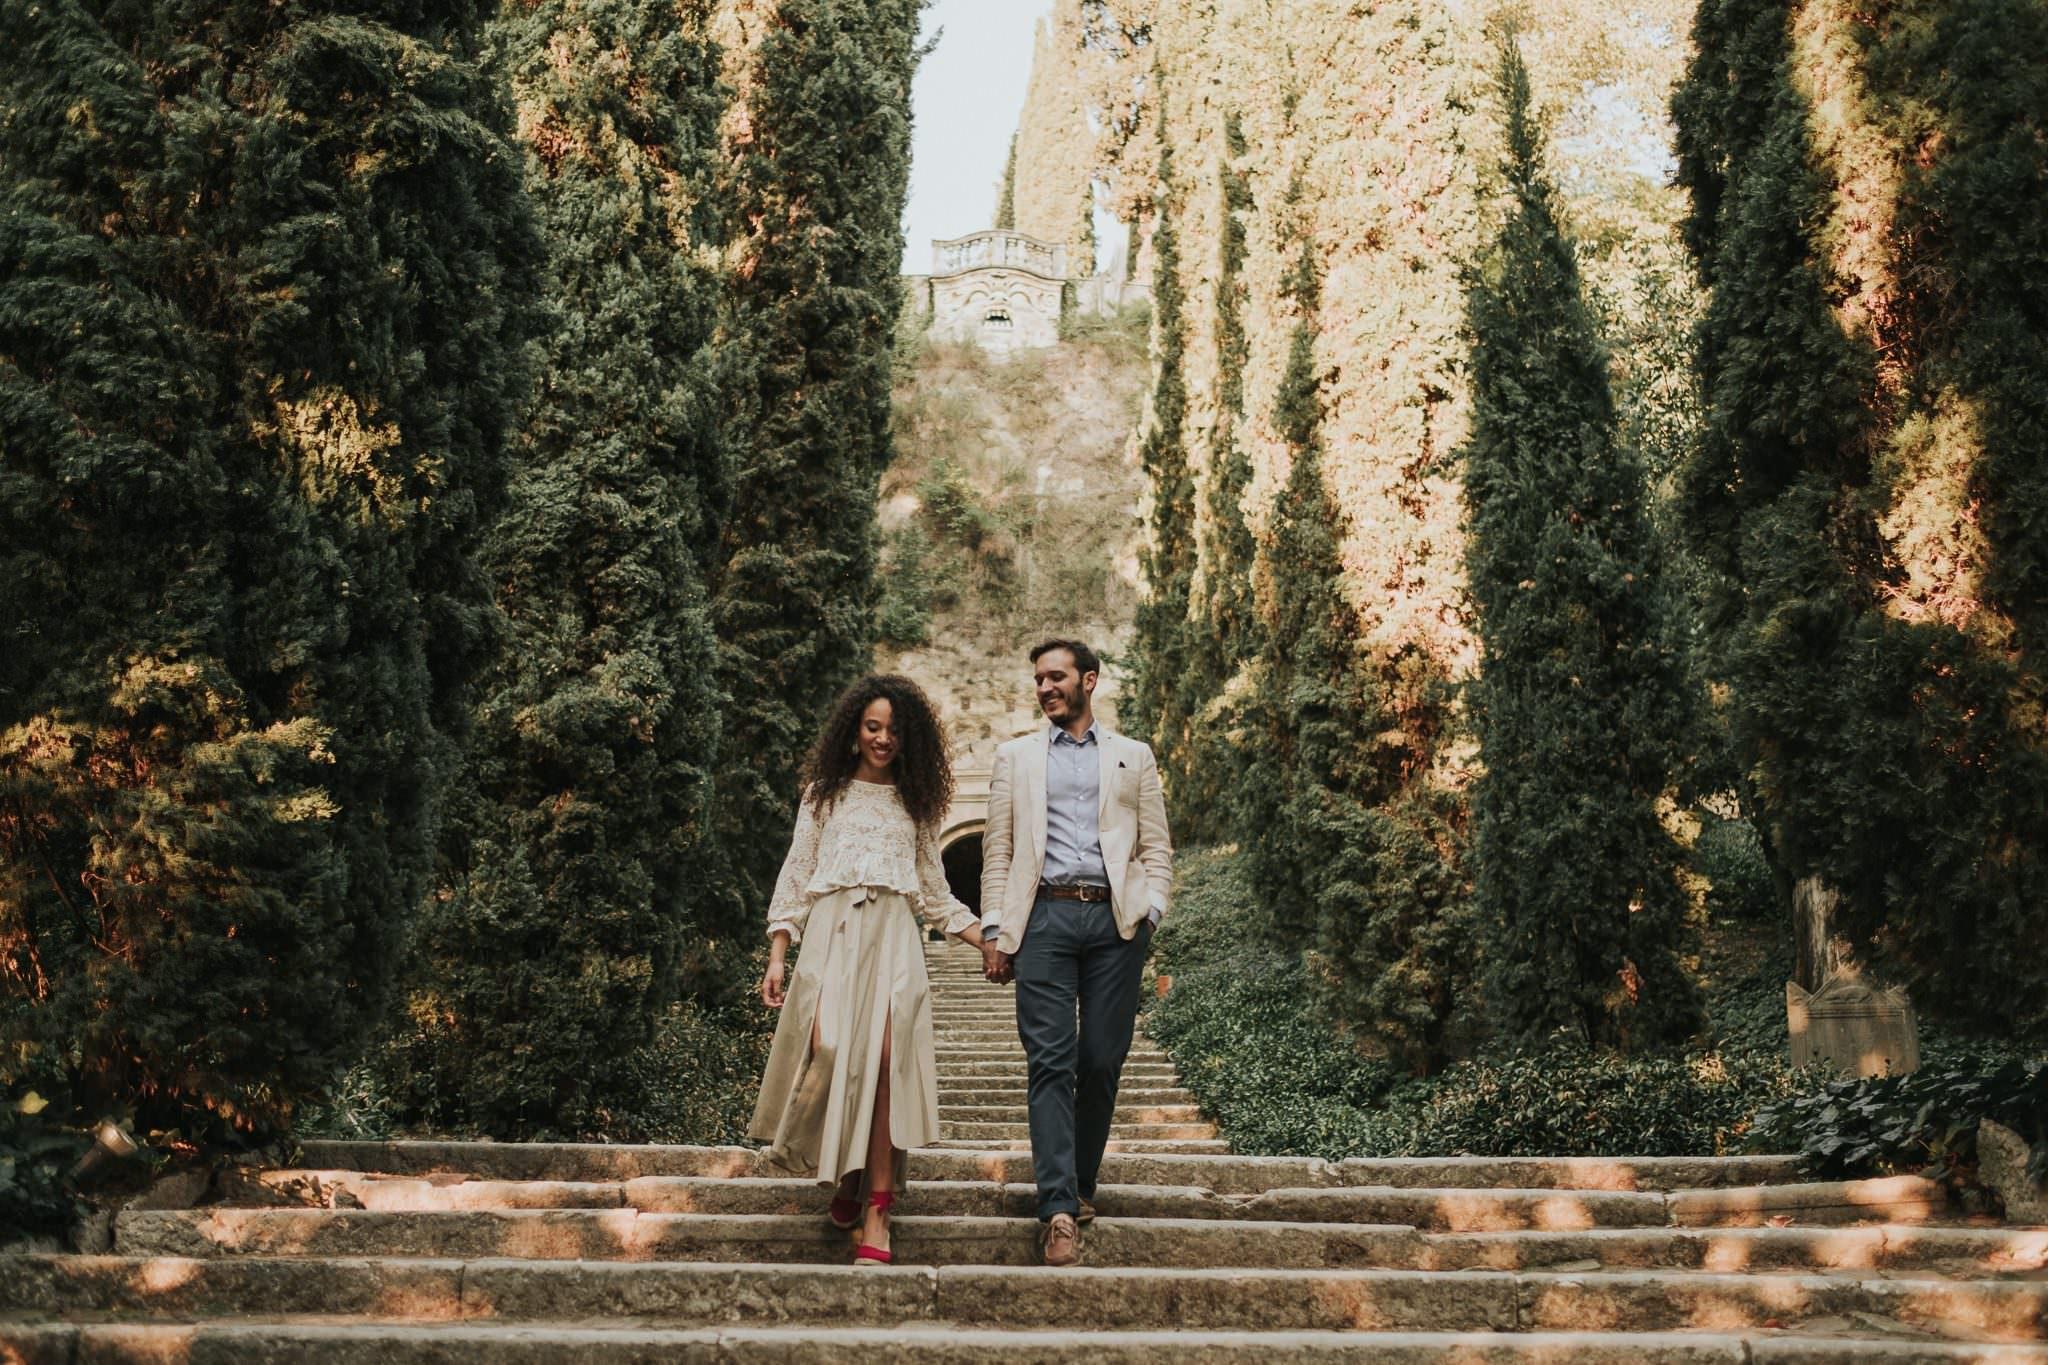 Servizio fidanzati a giardino giusti enrico eleonora